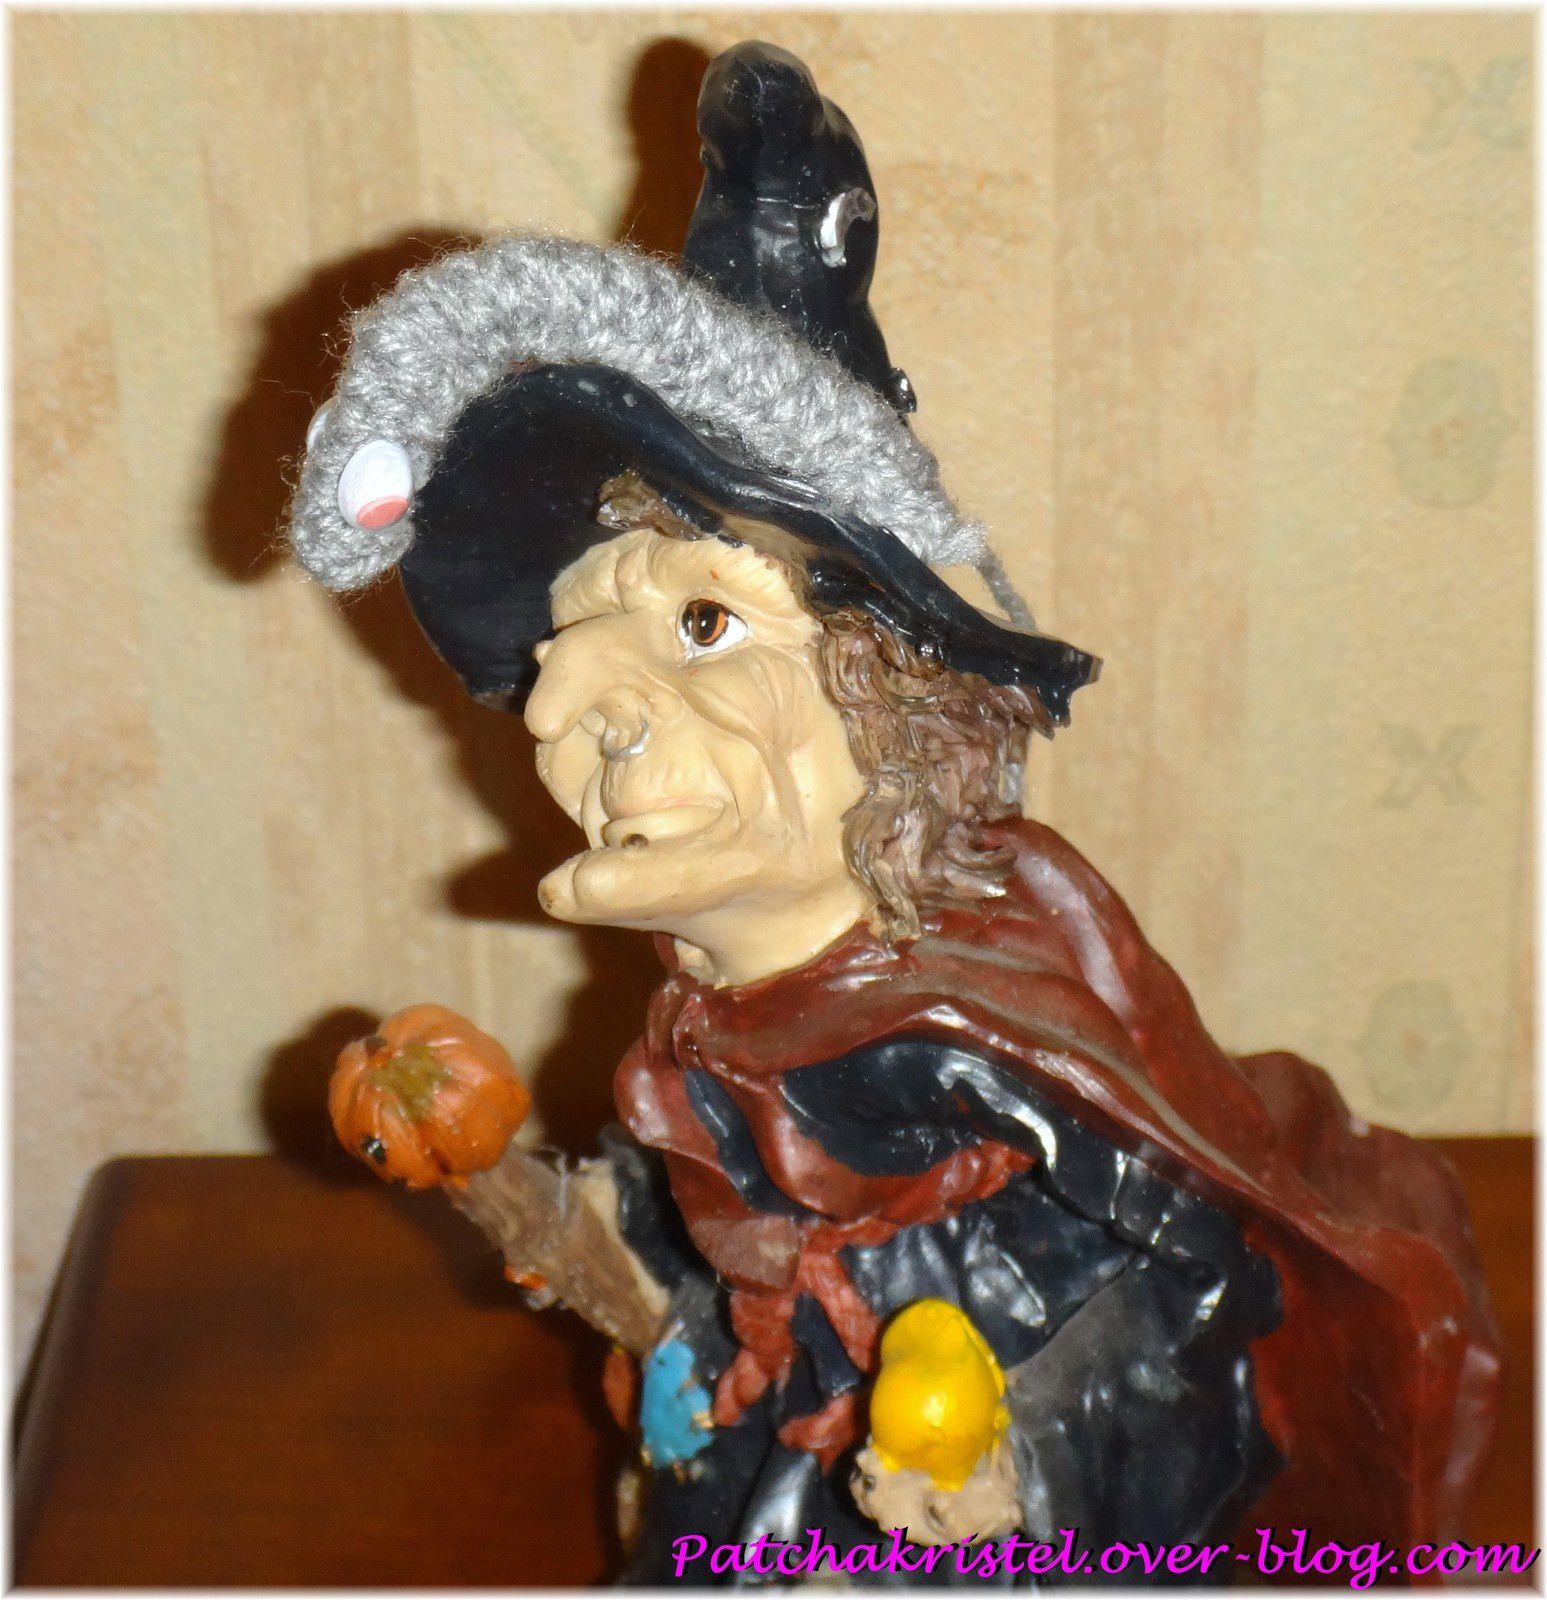 Décor pour Halloween - Portrait de la figurine d'une sorcière avec un ver de terre fait au tricot